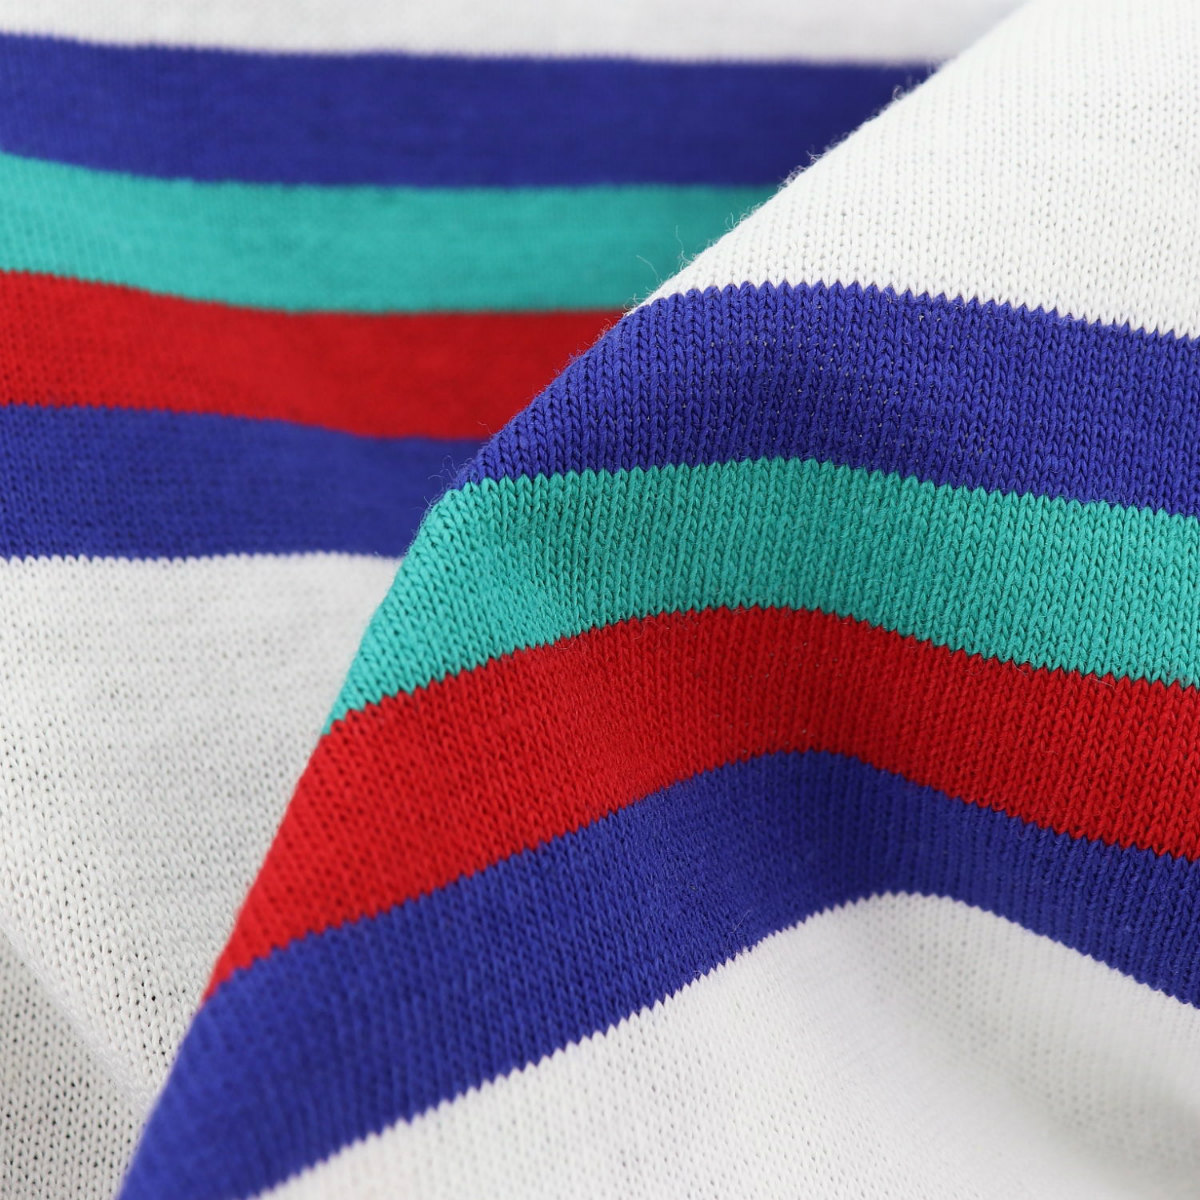 ルミノア Le minor メンズ コットン クルーネック ボーダー 半袖Tシャツ US/61375H LMN D8 BASE BLANC(ホワイト) 春夏新作